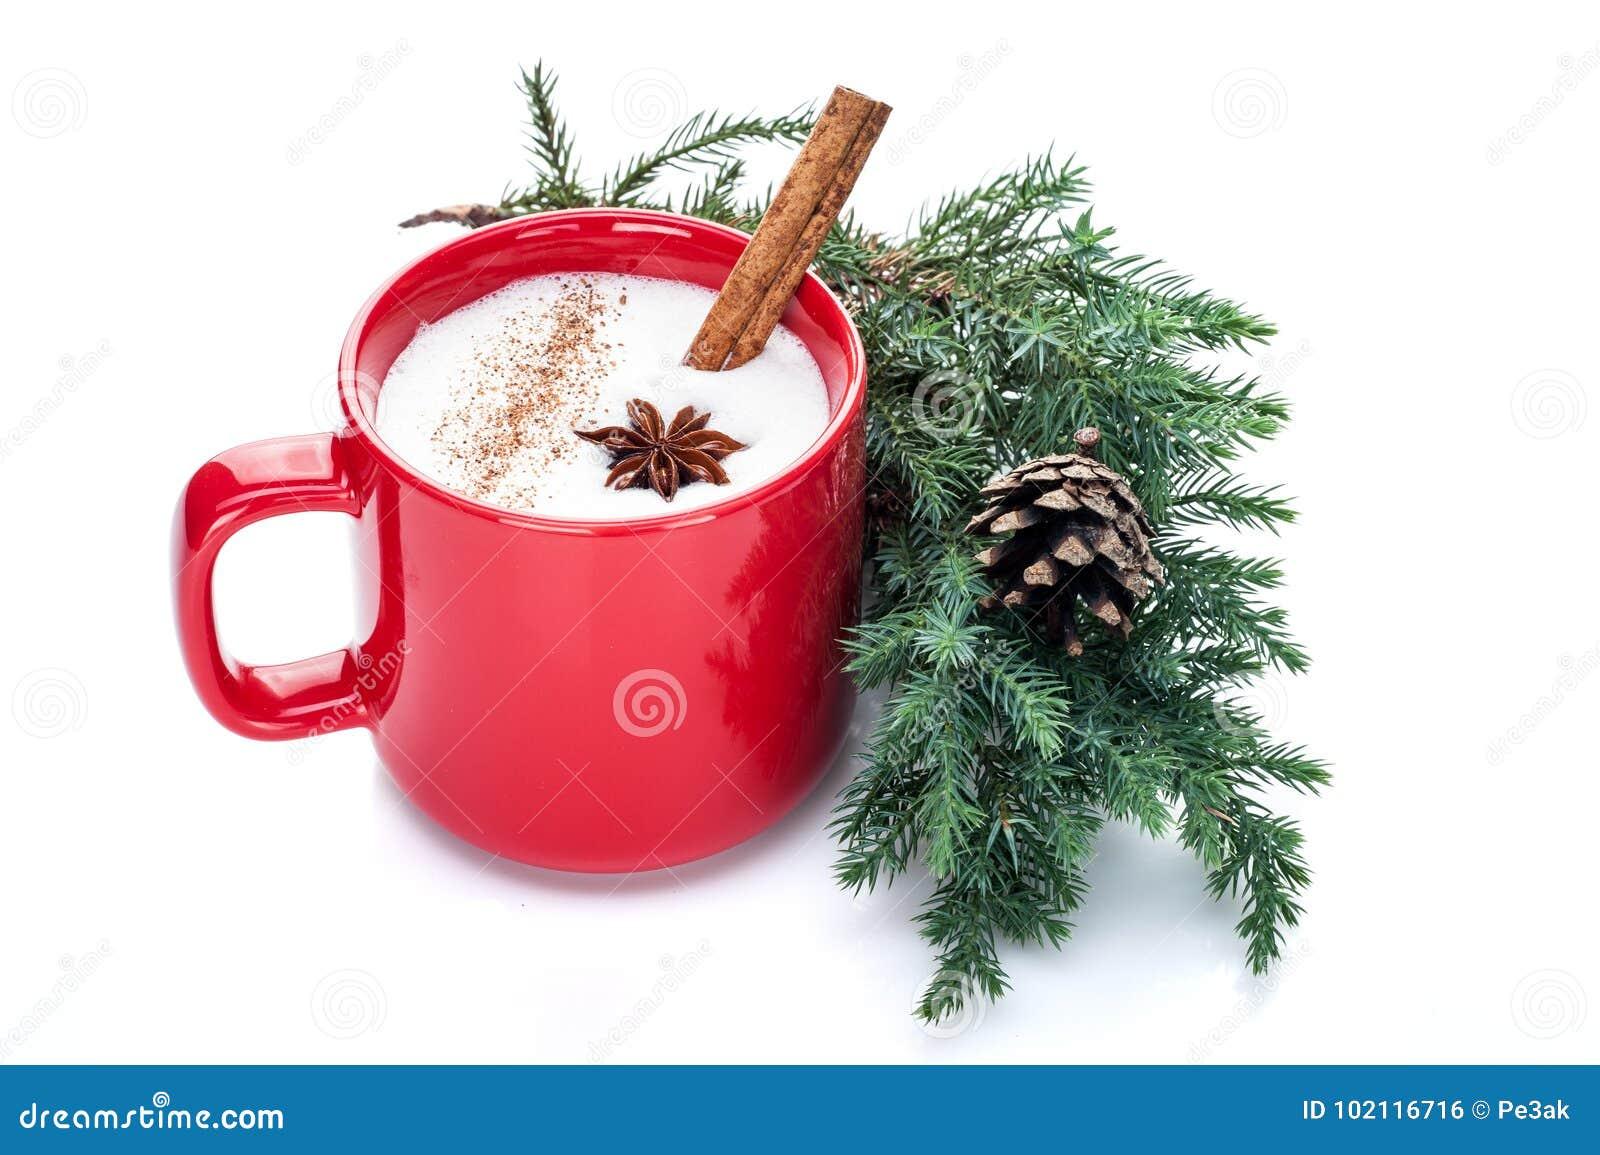 O cocktail da gemada na caneca vermelha arranjada com decoração do Natal é